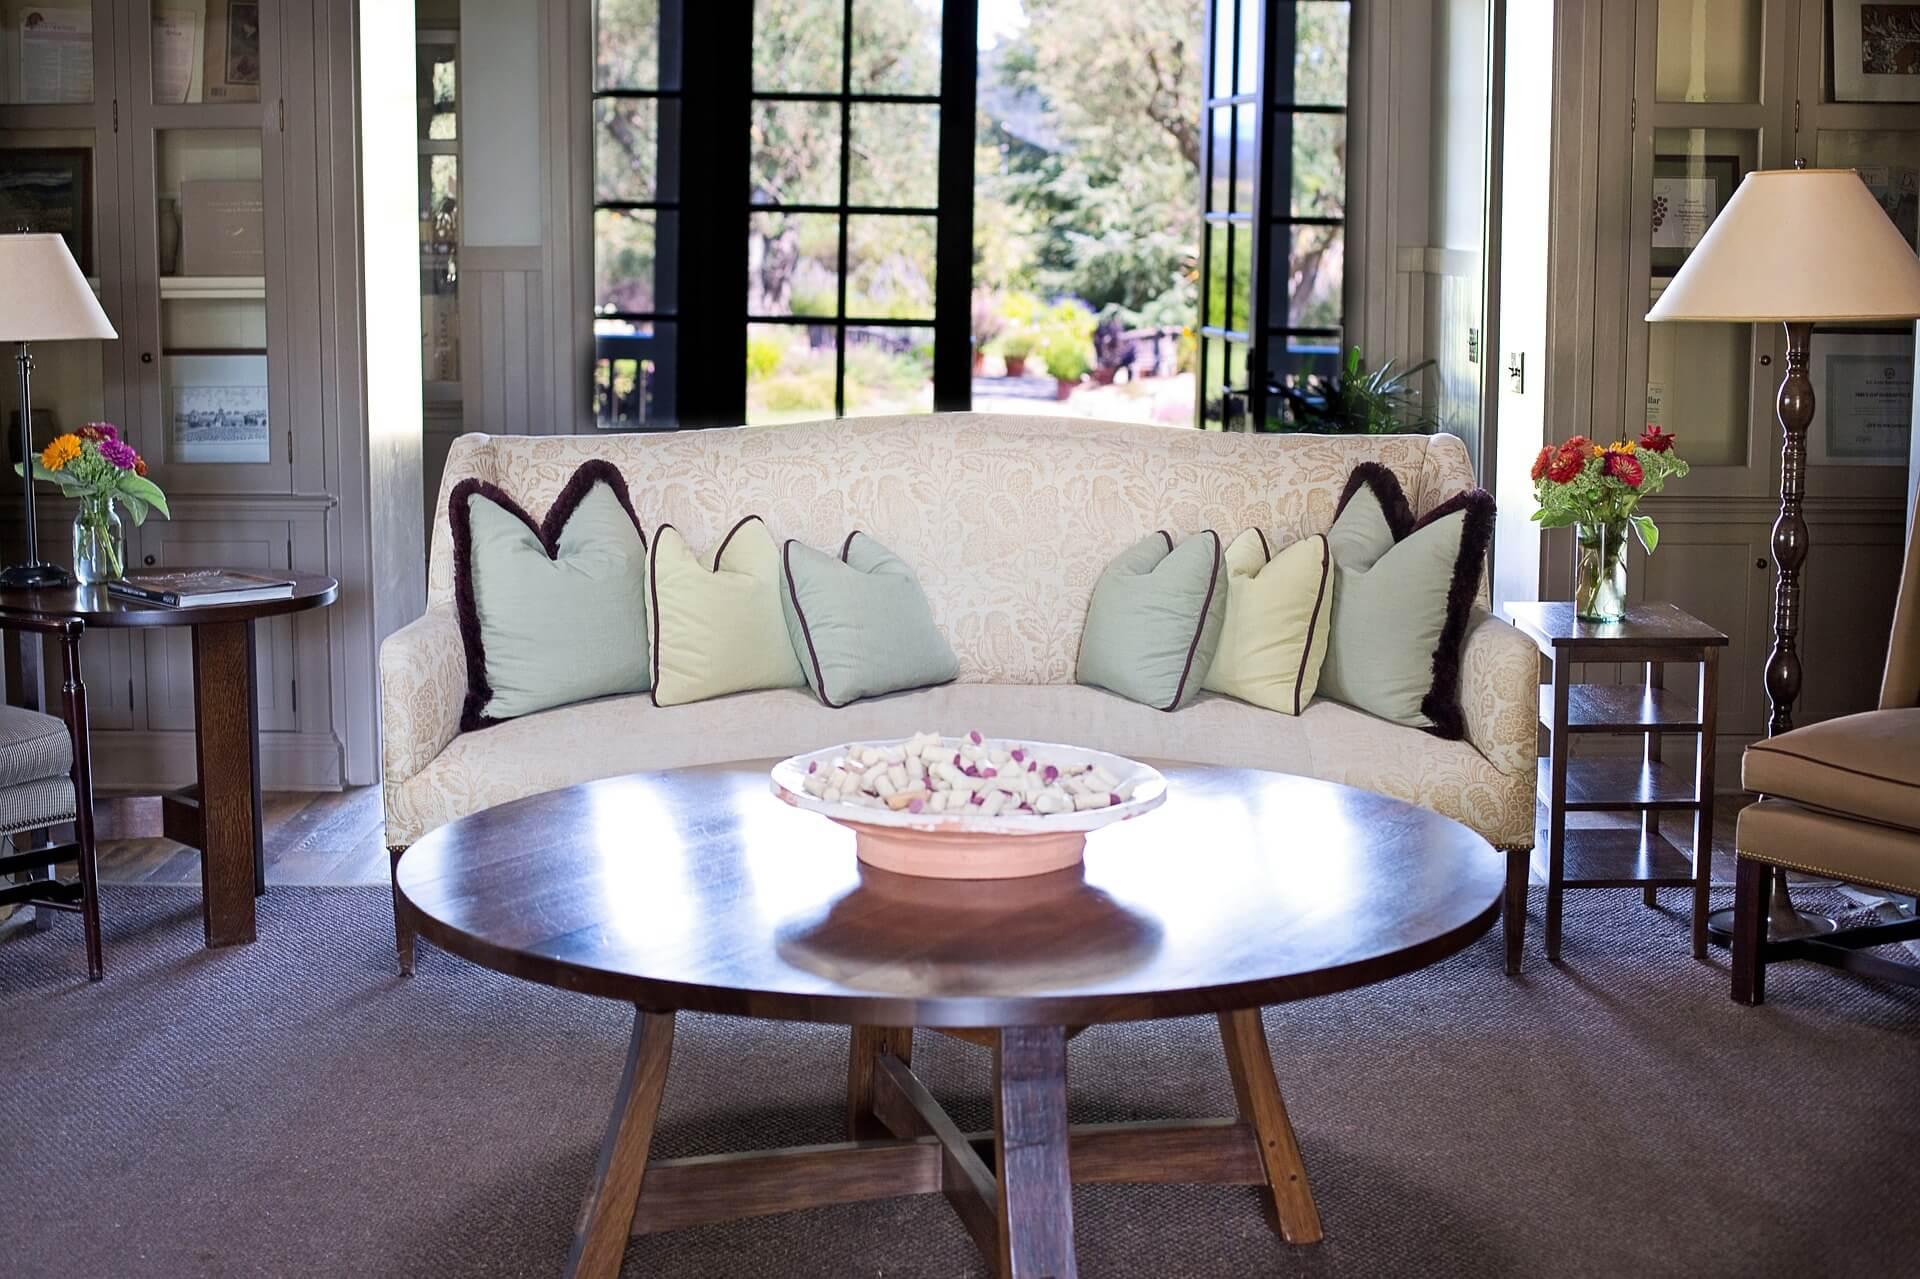 עיצוב הבית ברהיטים בהתאמה אישית